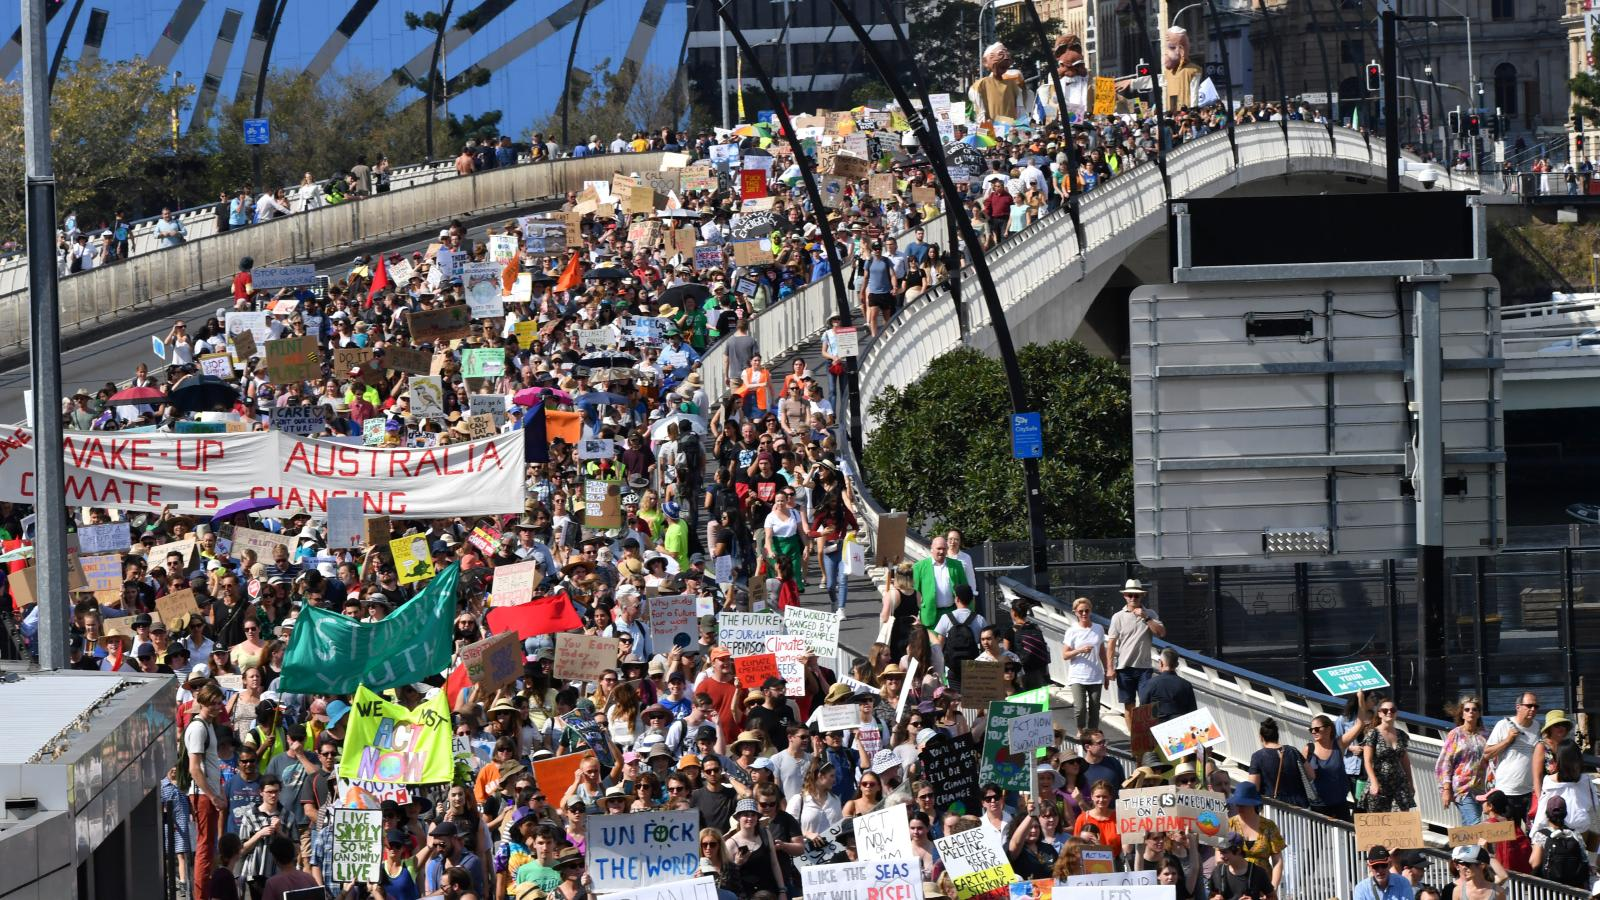 Strike 4 Climate, Brisbane AU, 09-20-19